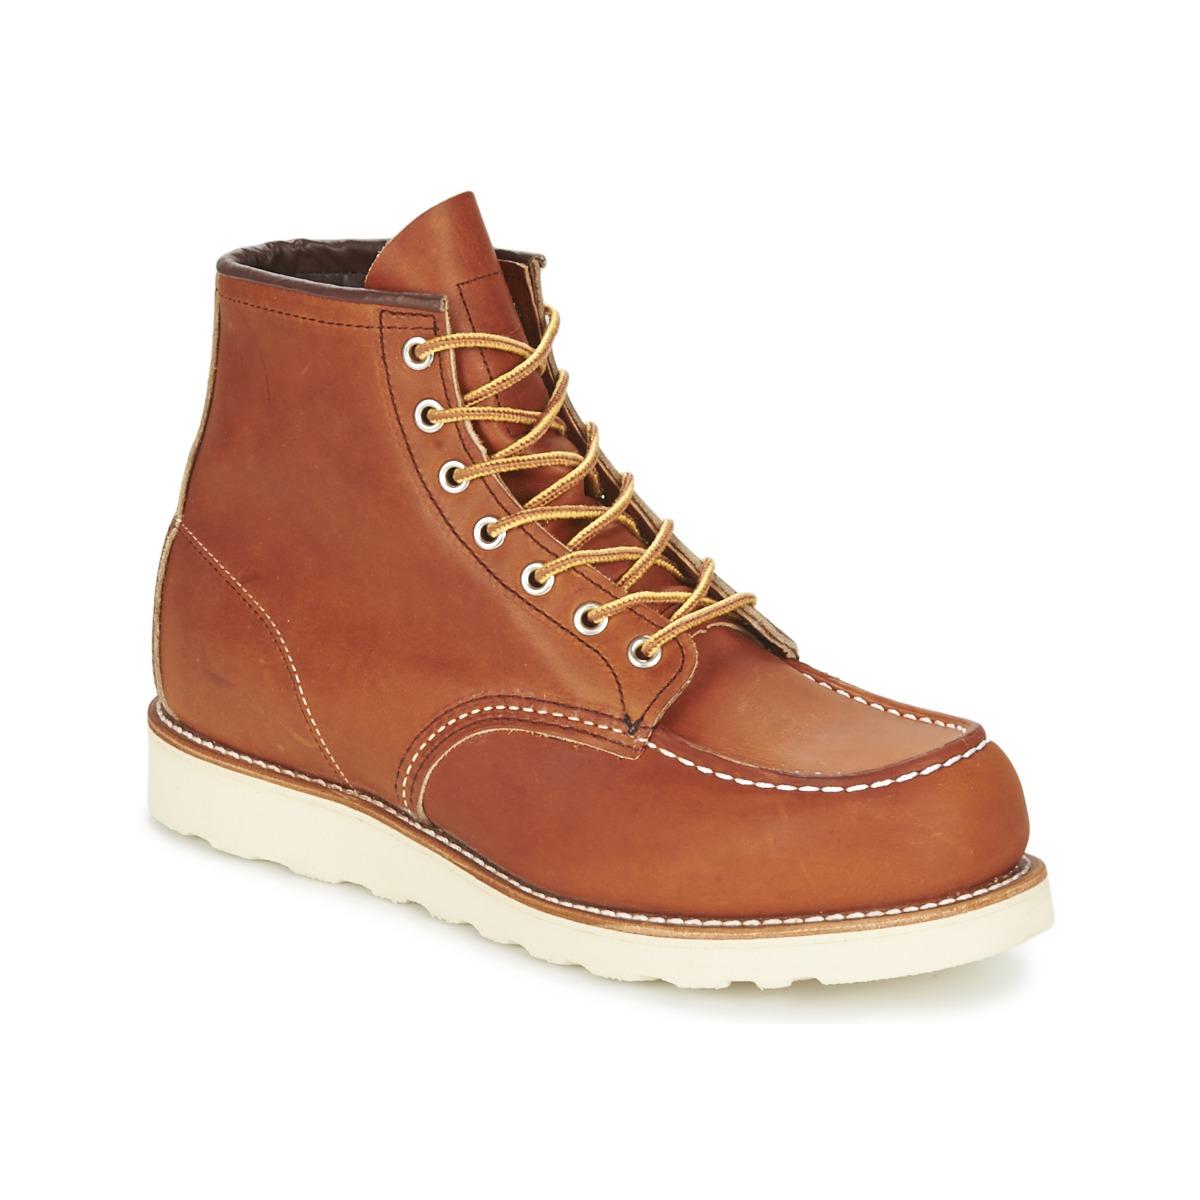 Red Wing CLASSIC Braun - Kostenloser Versand bei Spartoode ! - Schuhe Boots Herren 299,00 €